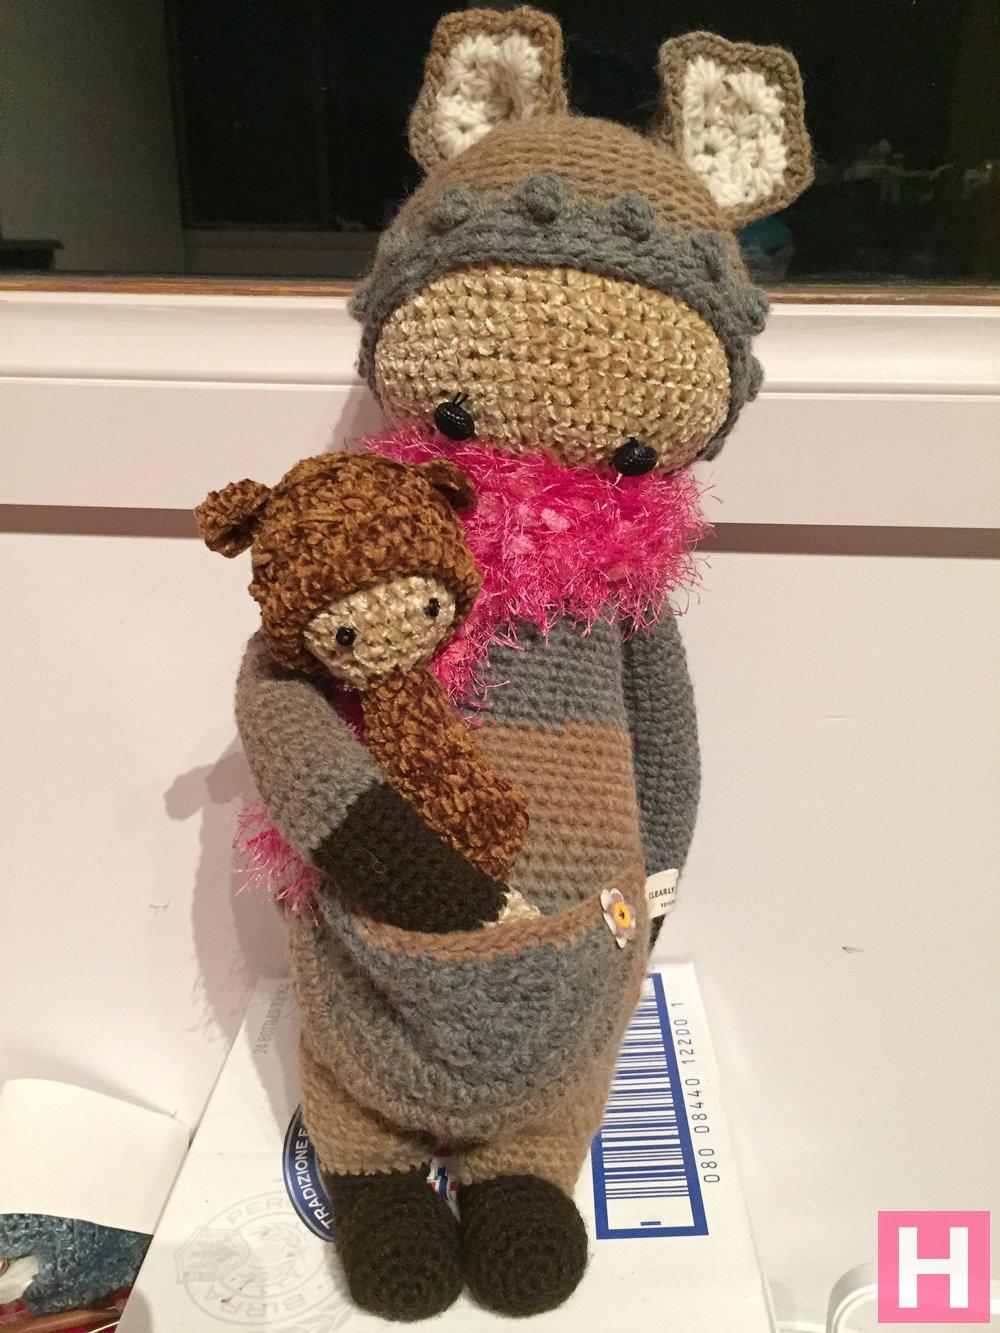 Amigurumi Kangaroo : Crochet Amigurumi Kangaroo - Lalla & Looly ?ClearlyHelena